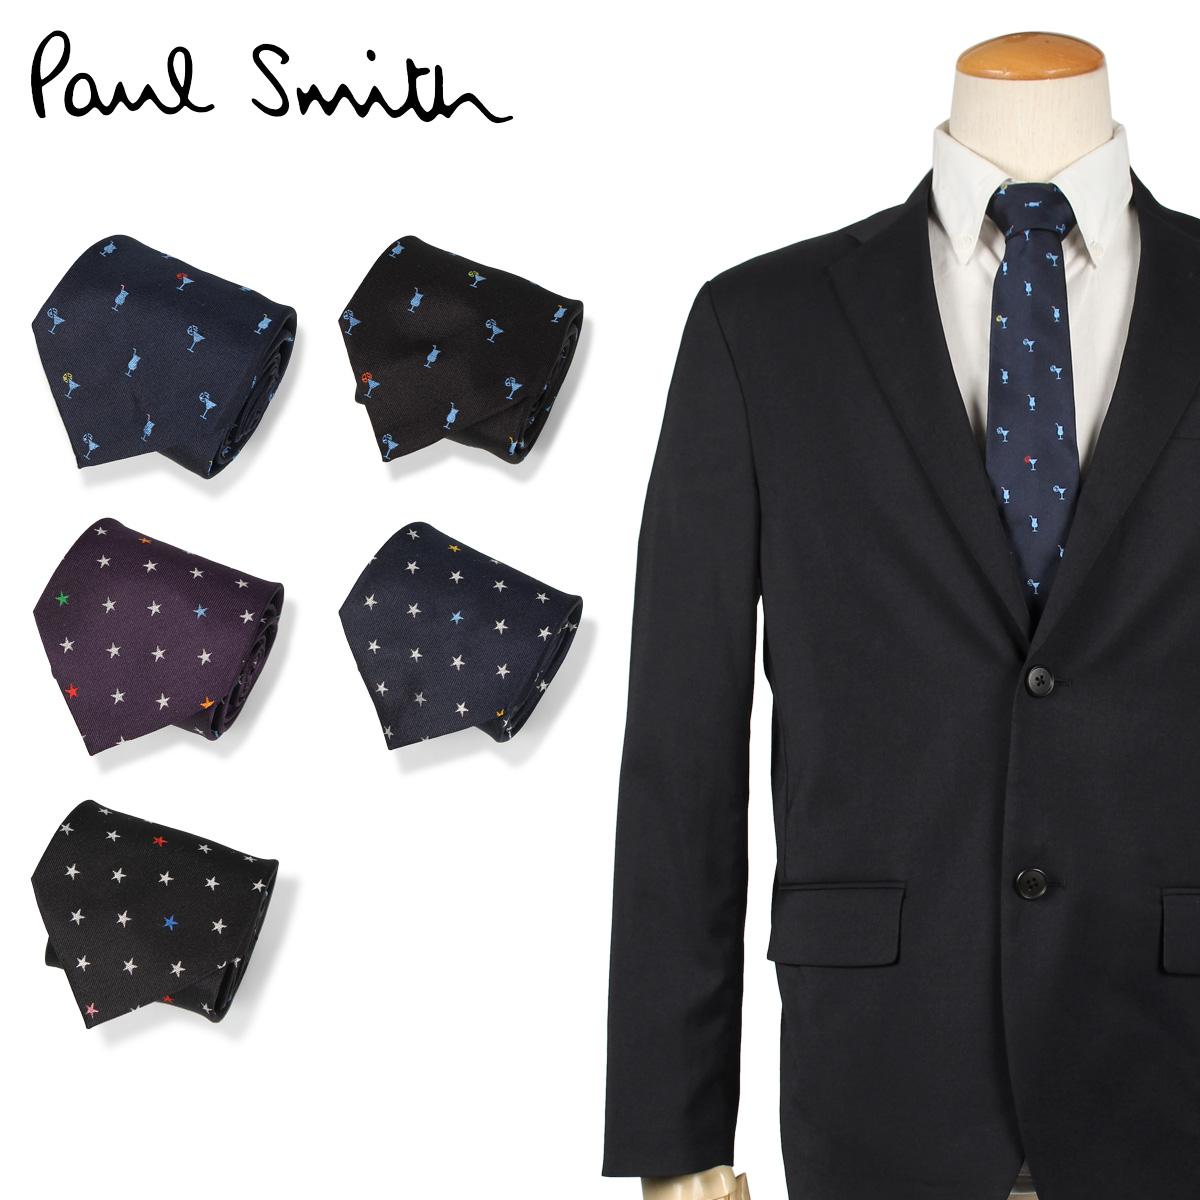 ポールスミス Paul Smith ネクタイ メンズ イタリア製 シルク ビジネス 結婚式 ブラック ネイビー ワイン レッド 黒